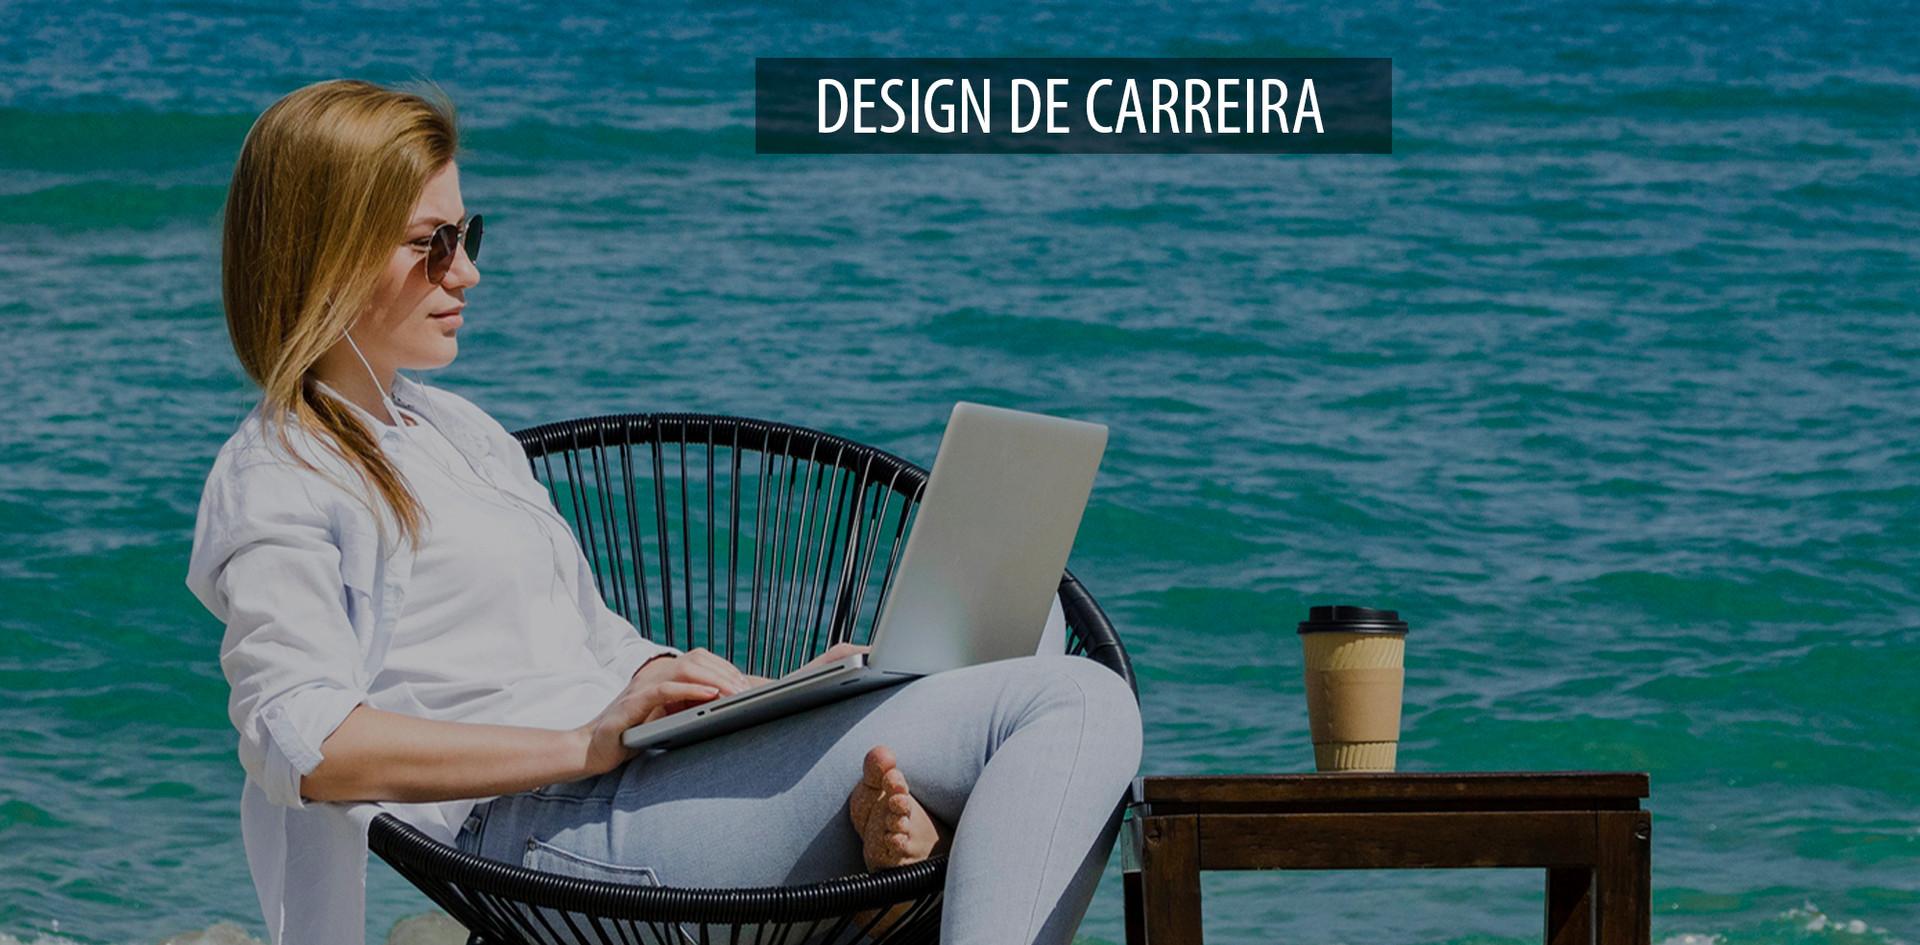 DESIGNE DE CARREIRA.jpg